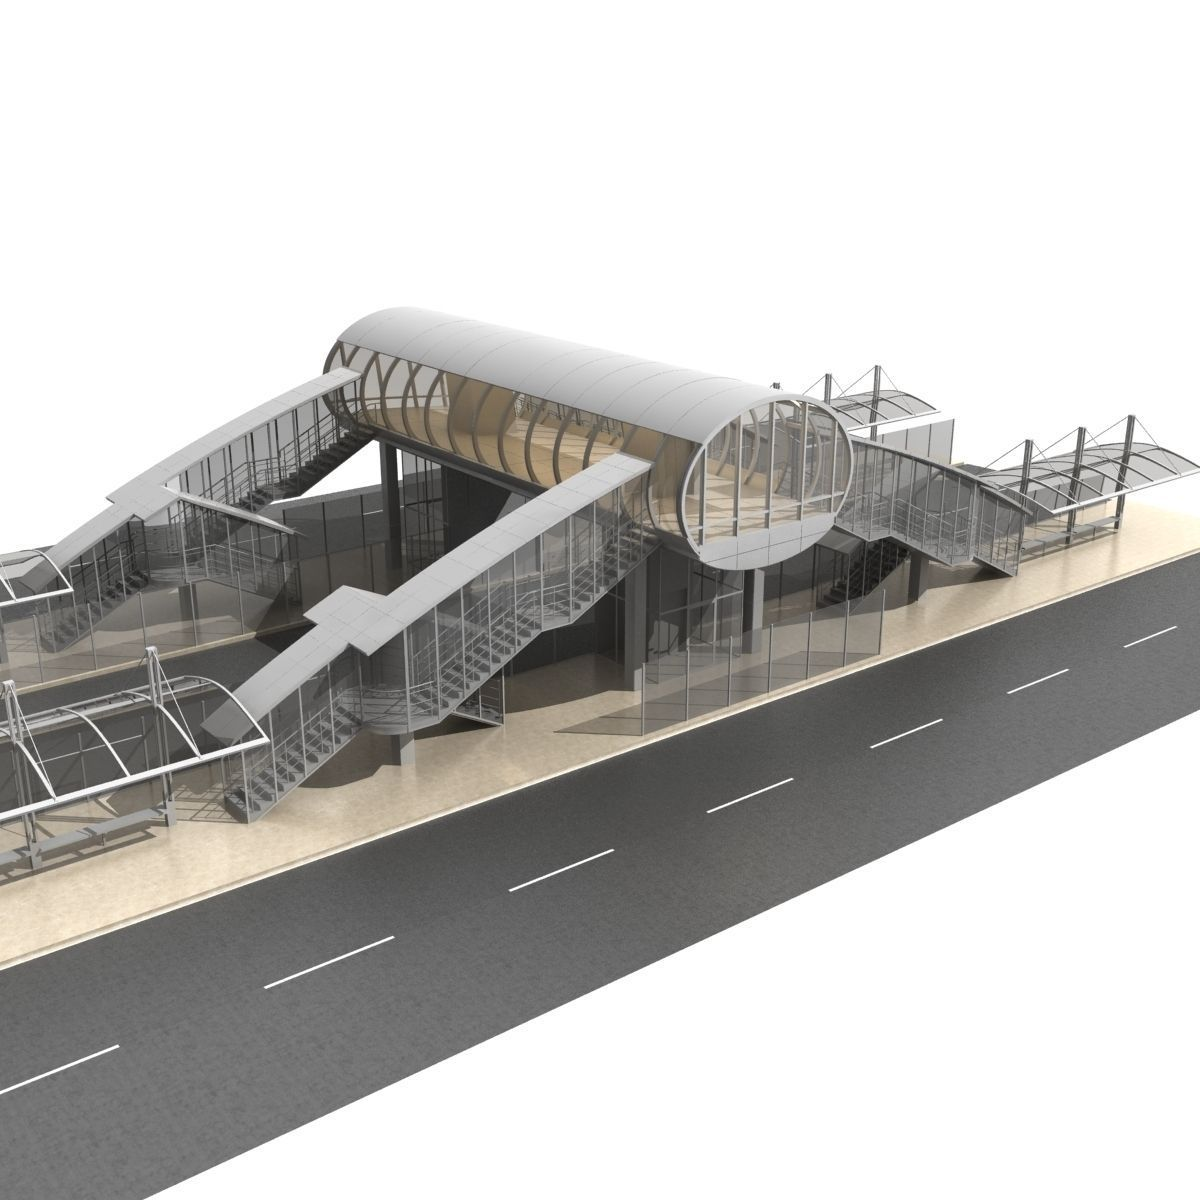 Walk Bridge With Bus Stop And Elevators 1 3D Model MAX OBJ